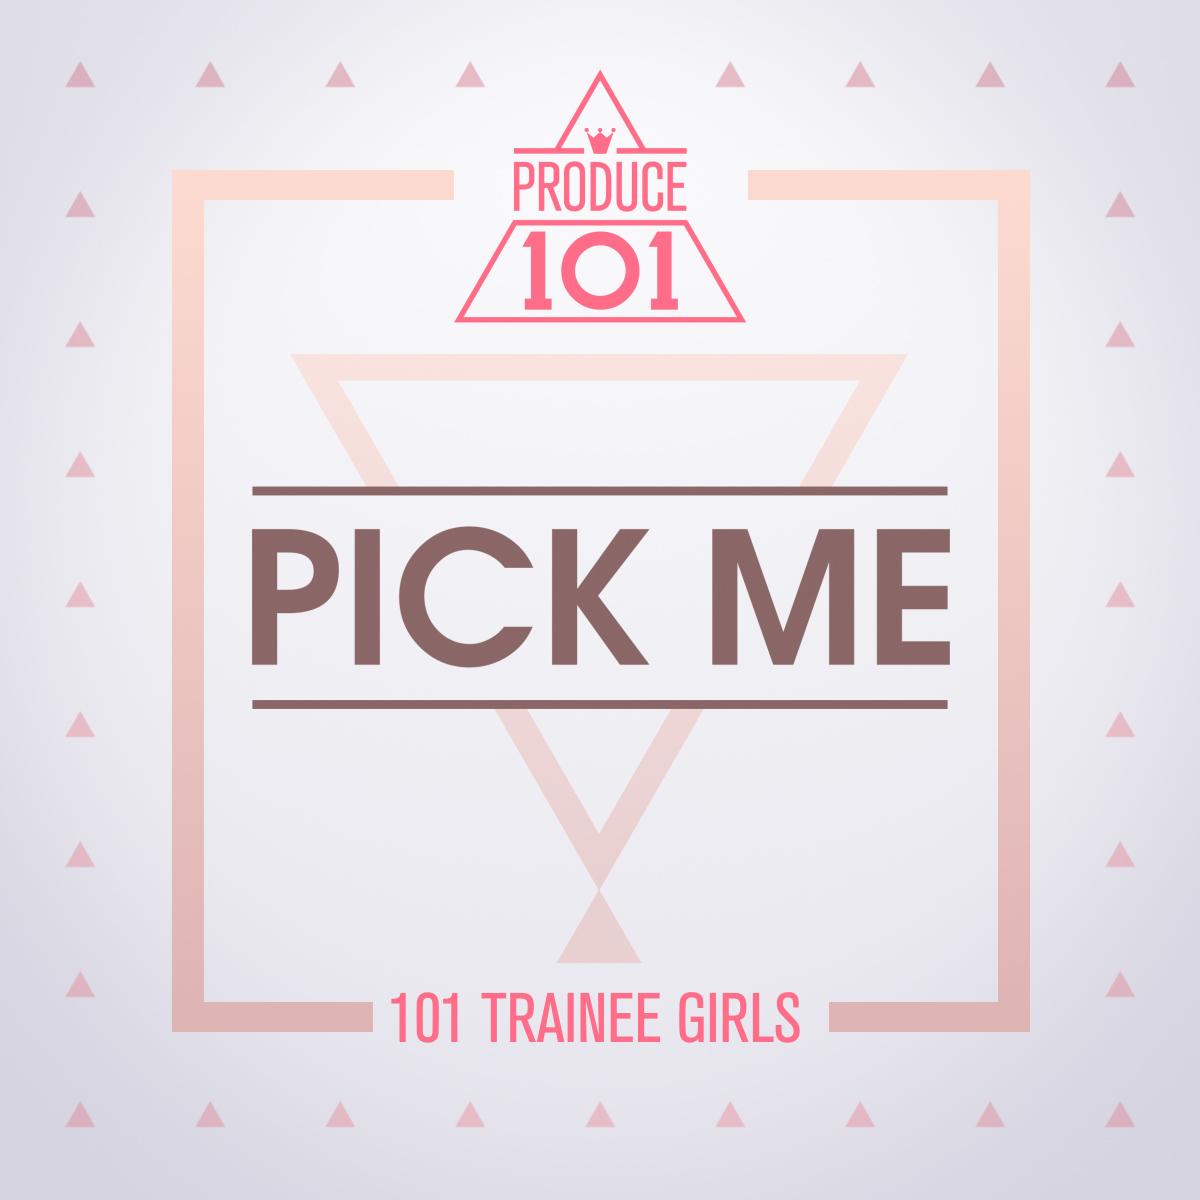 [미리듣기] PRODUCE 101 - PRODUCE 101 - PICK ME | 인스티즈